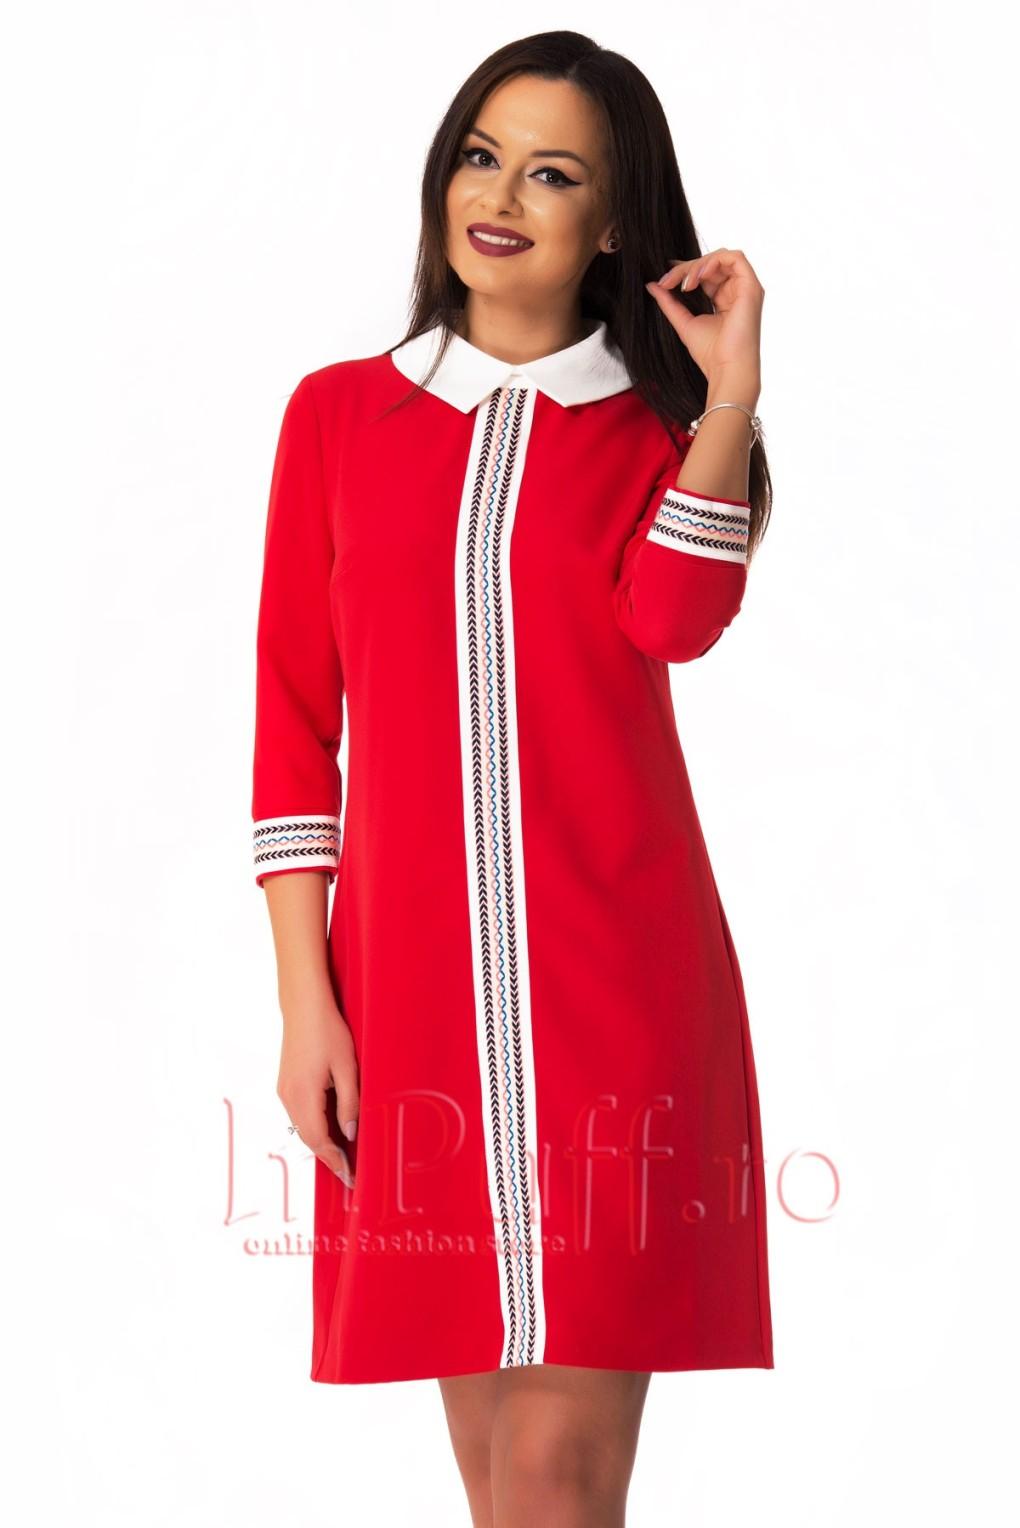 rochie-eleganta-rosie-accesorizata-cu-broderie-colorata-1517395540-4